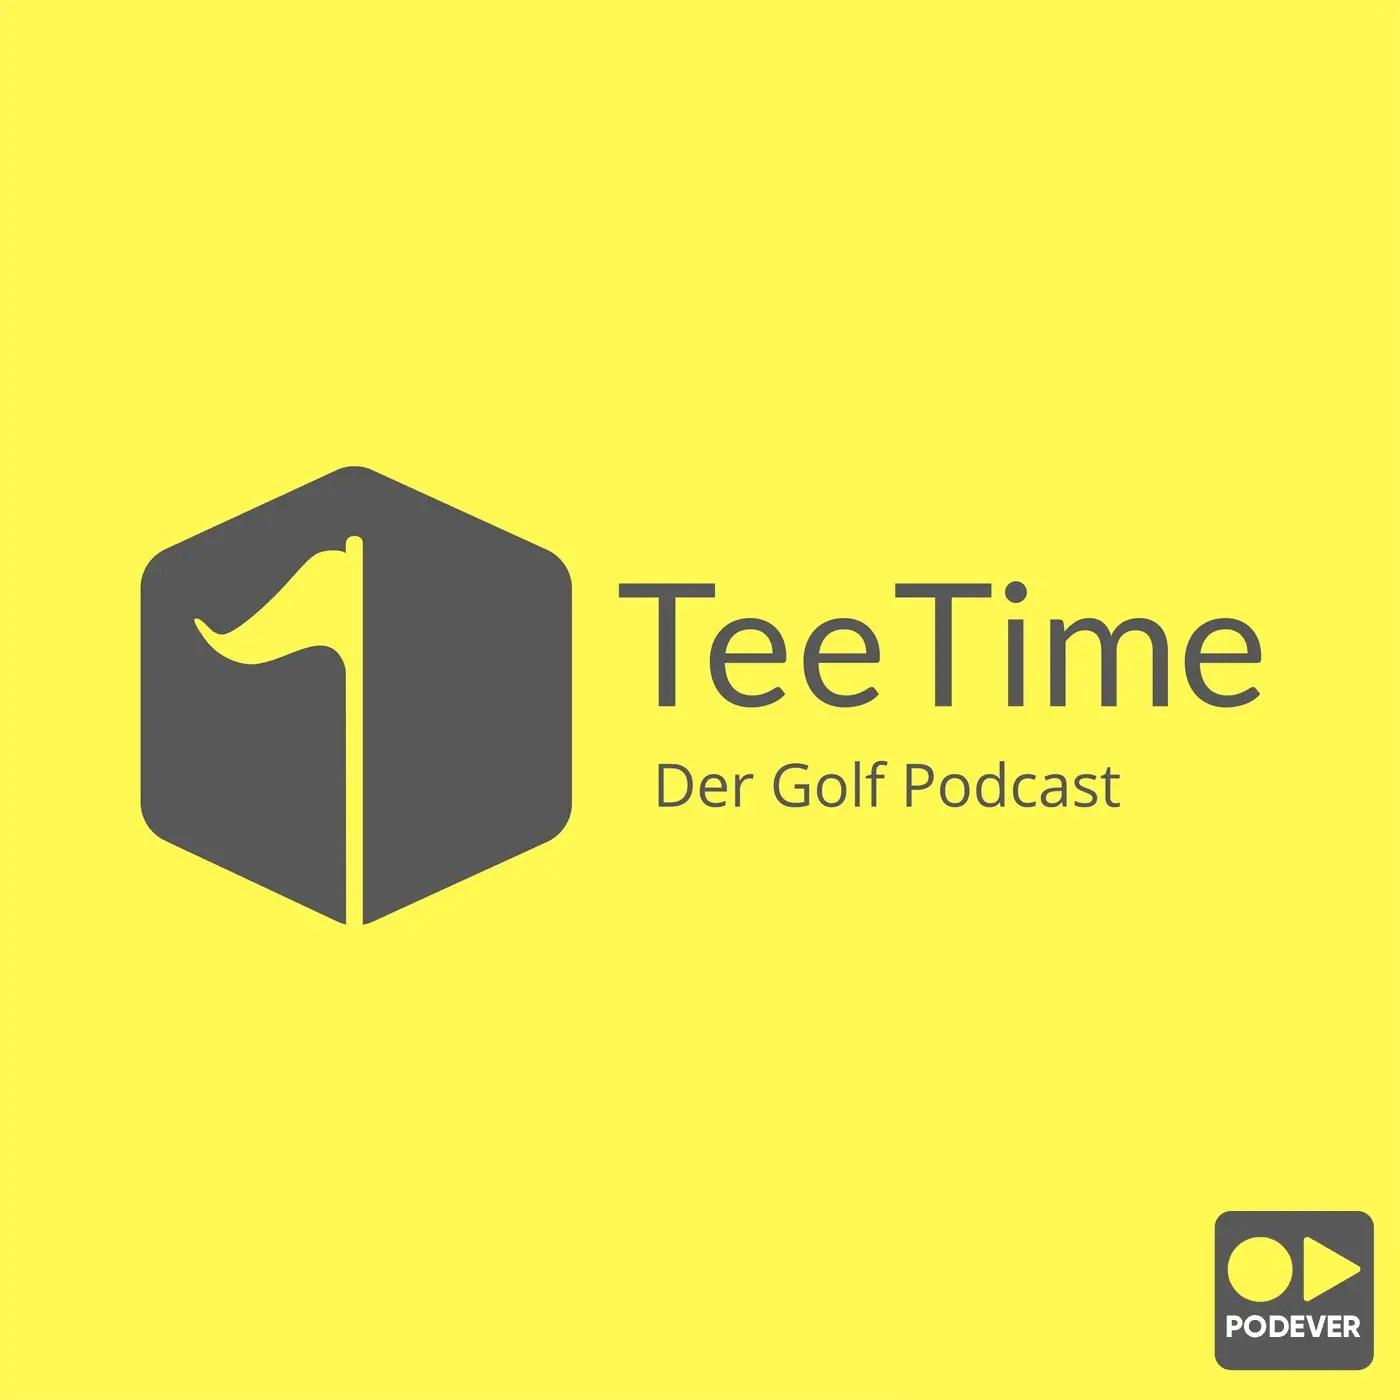 Tee Time - Der Golfpodcast / Eine Produktion von Podever